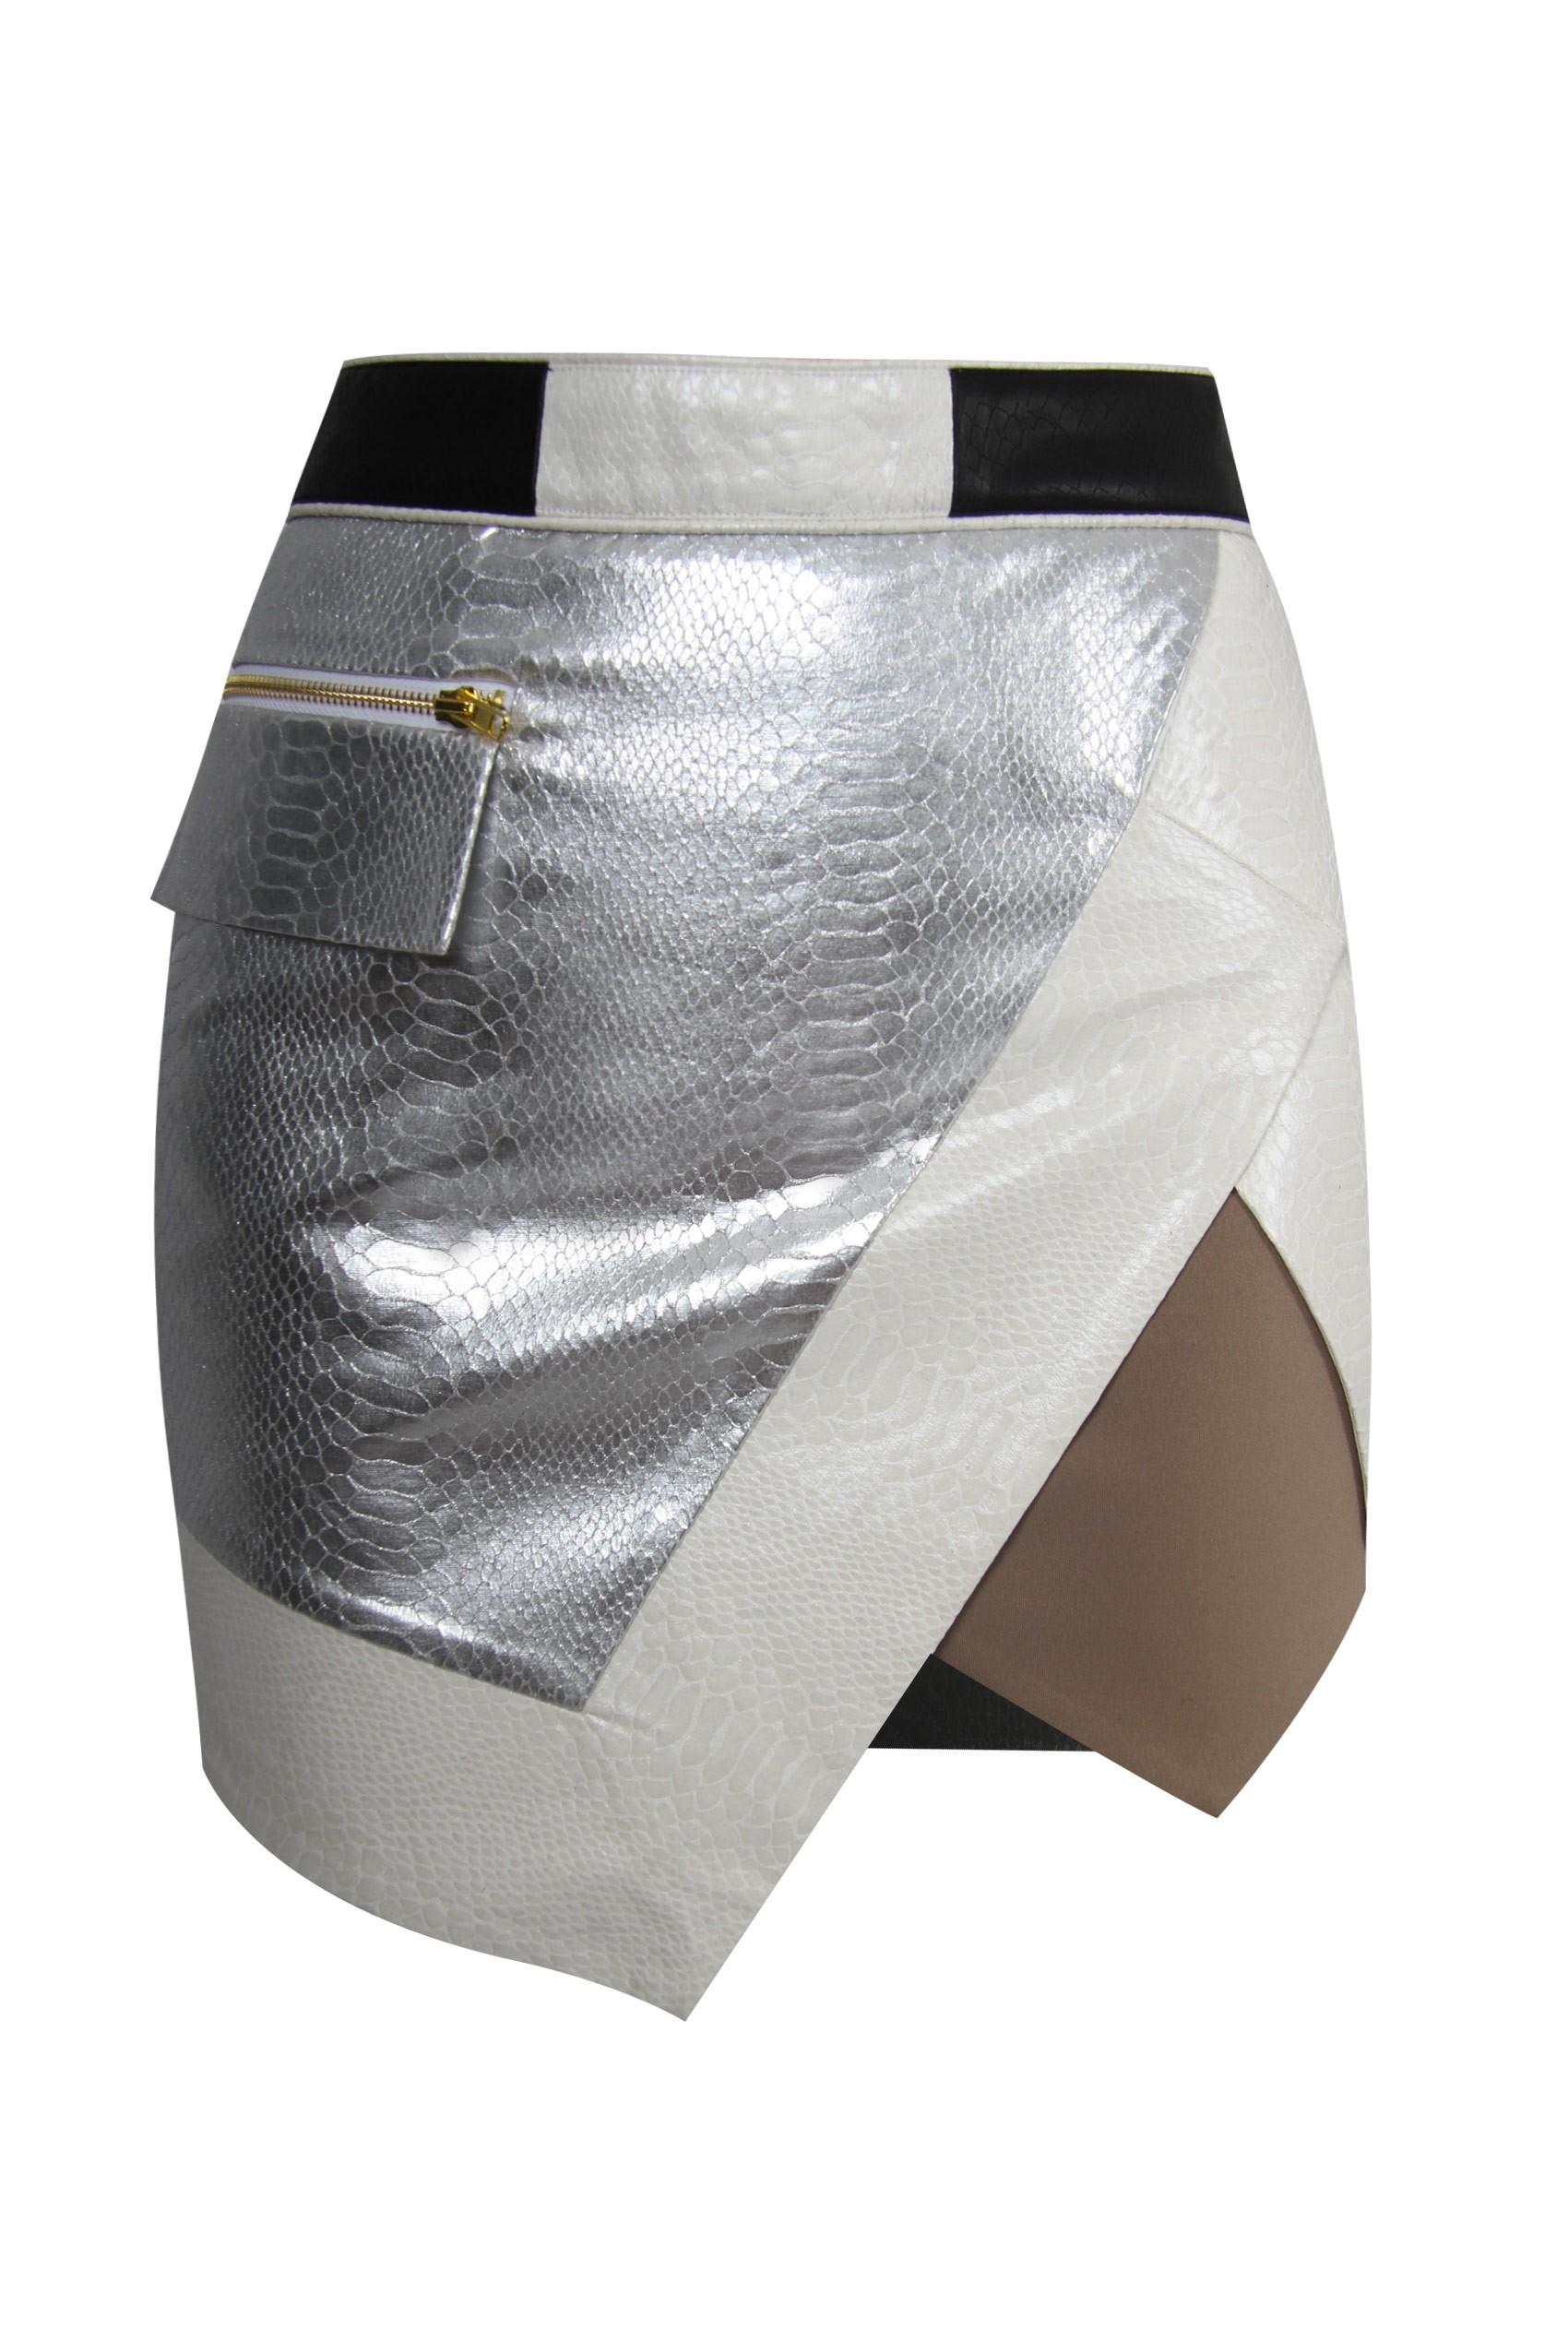 ORIGAMI Wrap Skirt by Self Portrait - Styligion.com